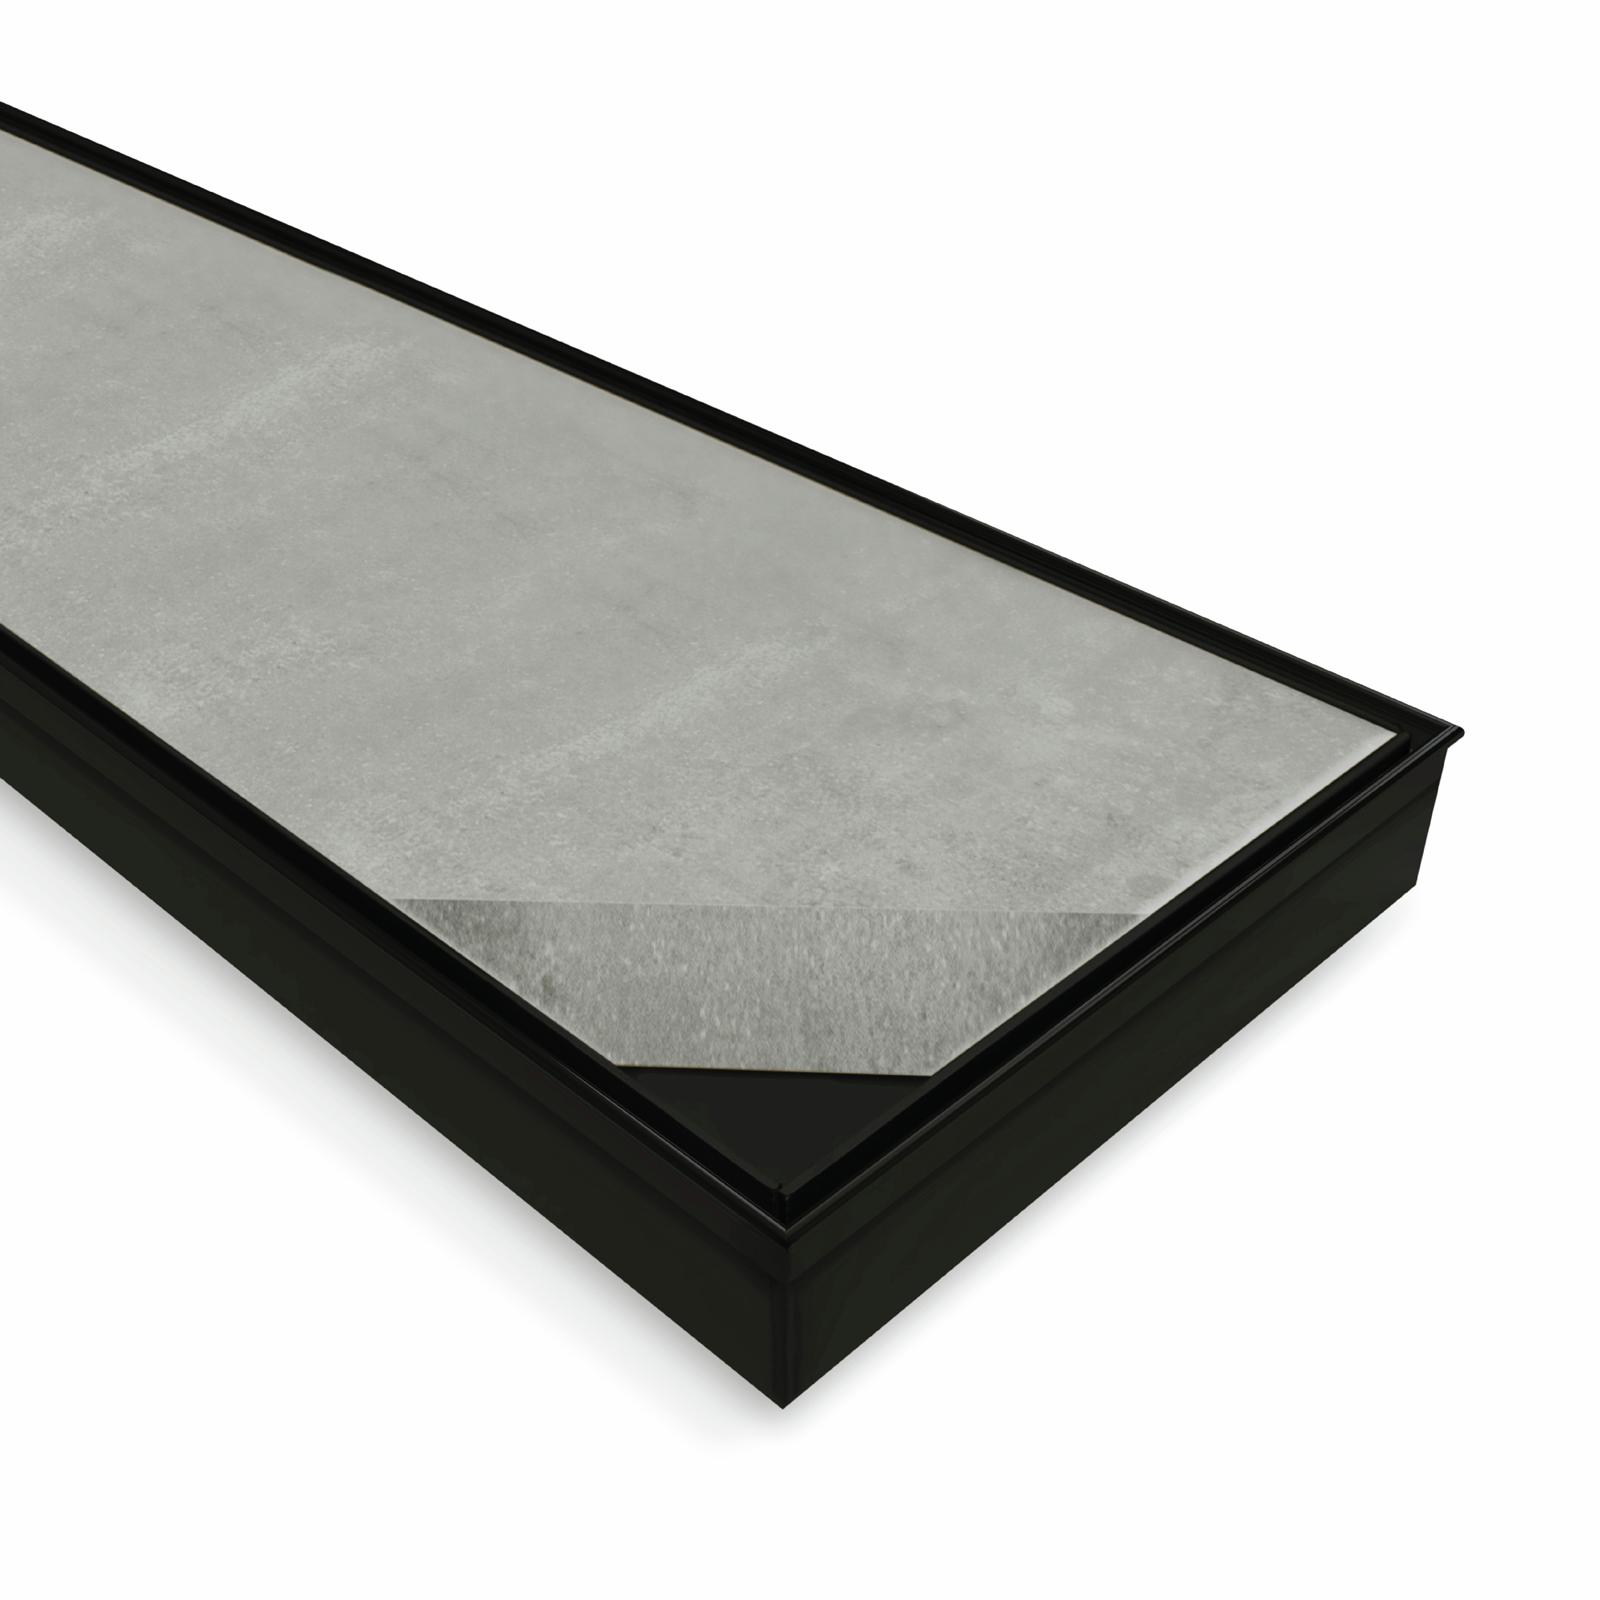 Black Satin Stainless Steel – Tile Insert 900×100 Floor Waste